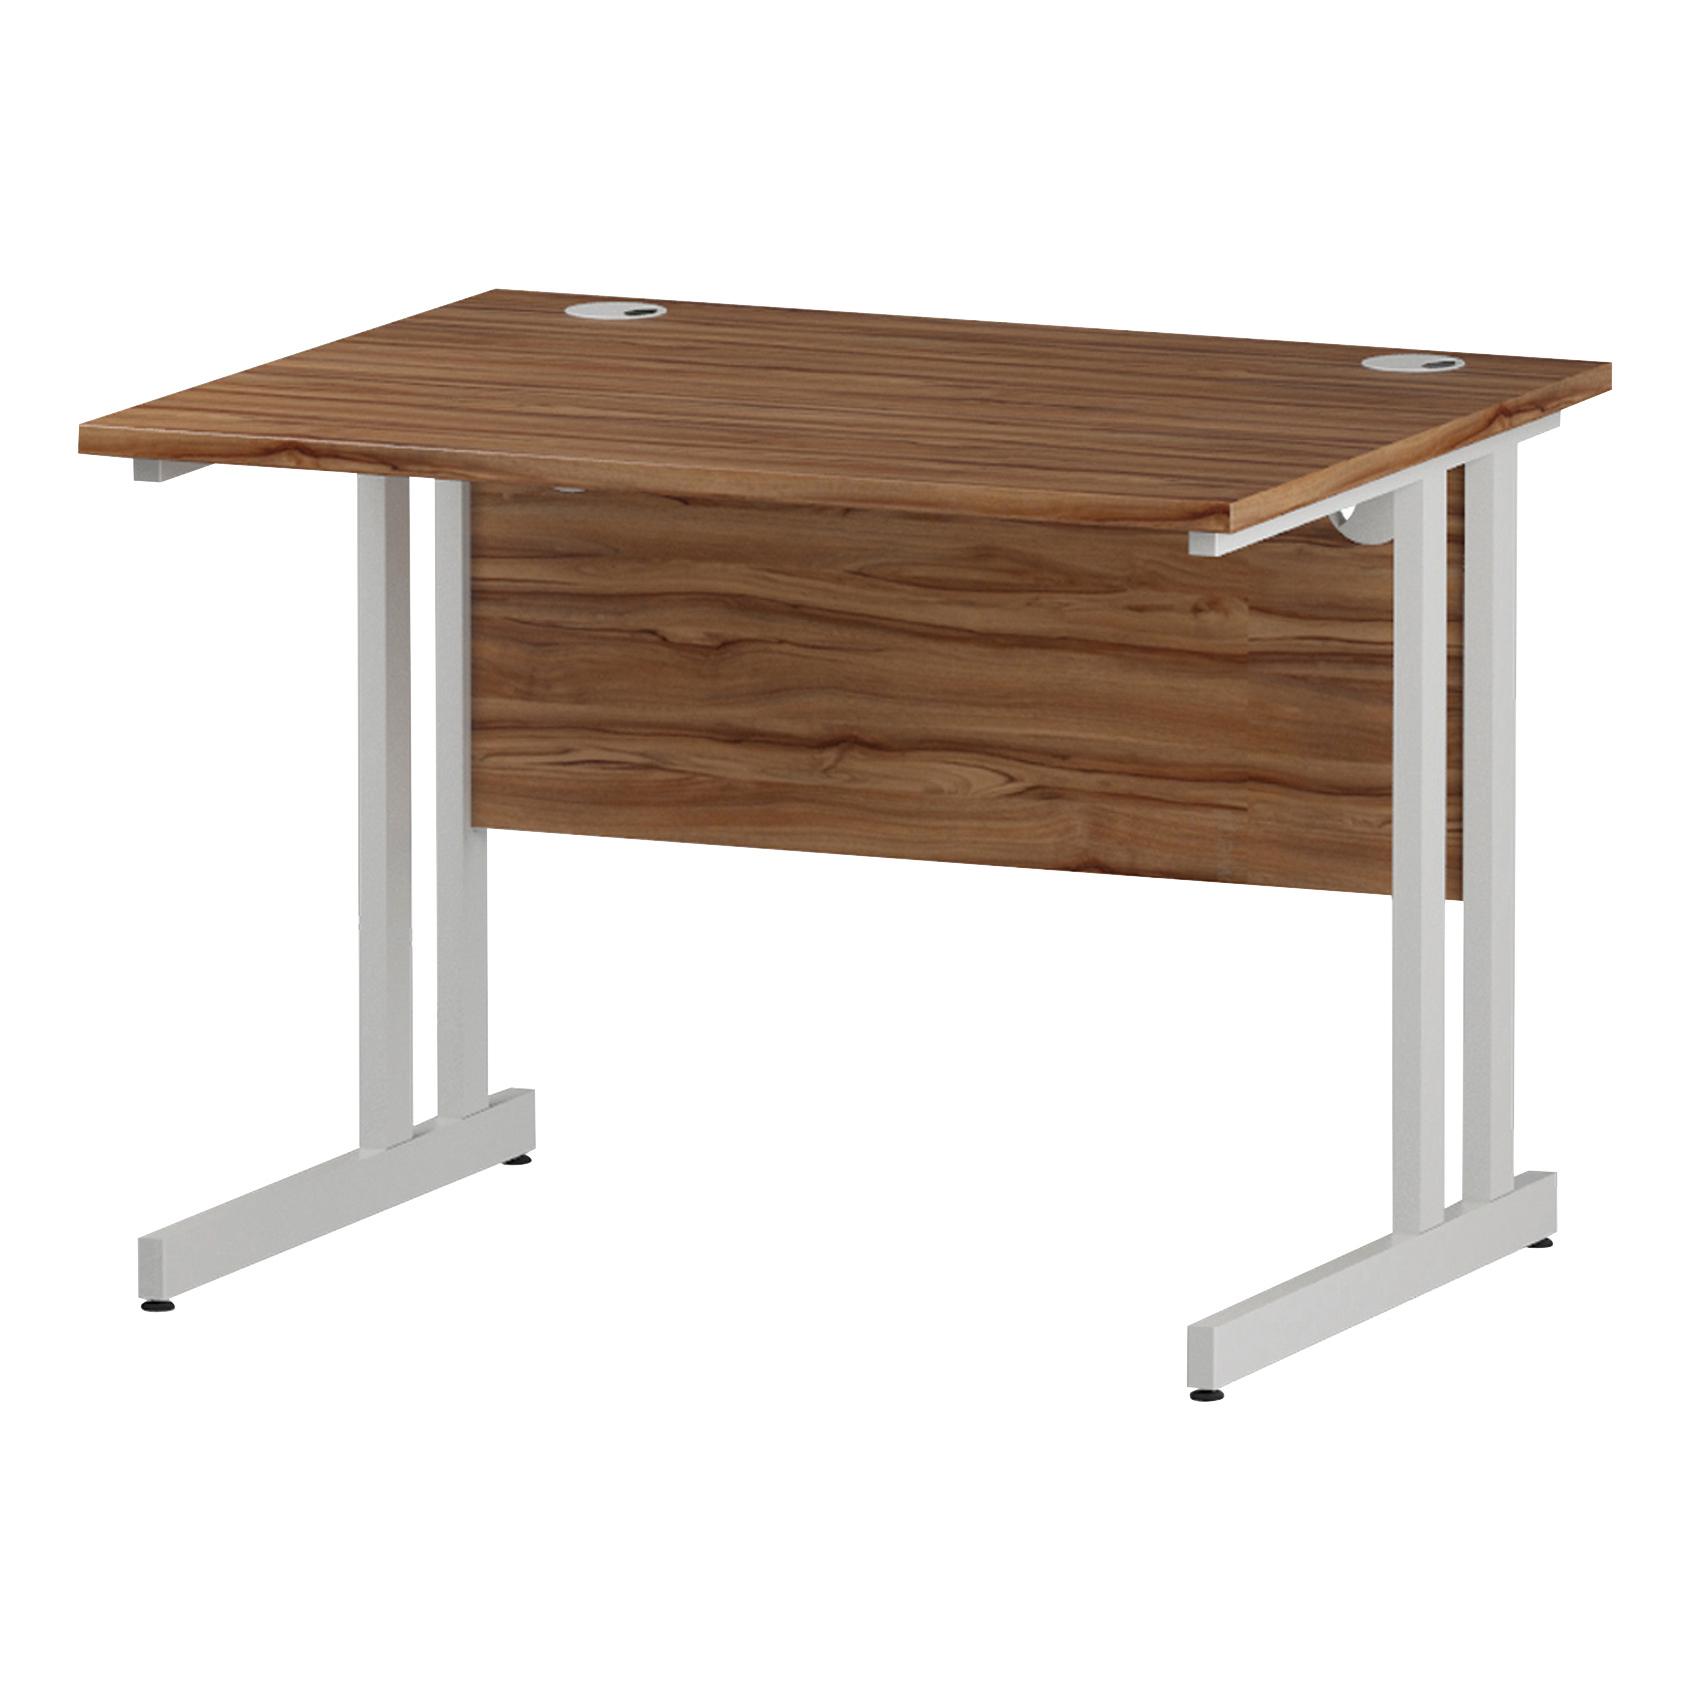 Trexus Rectangular Desk White Cantilever Leg 1000x800mm Walnut Ref I001904